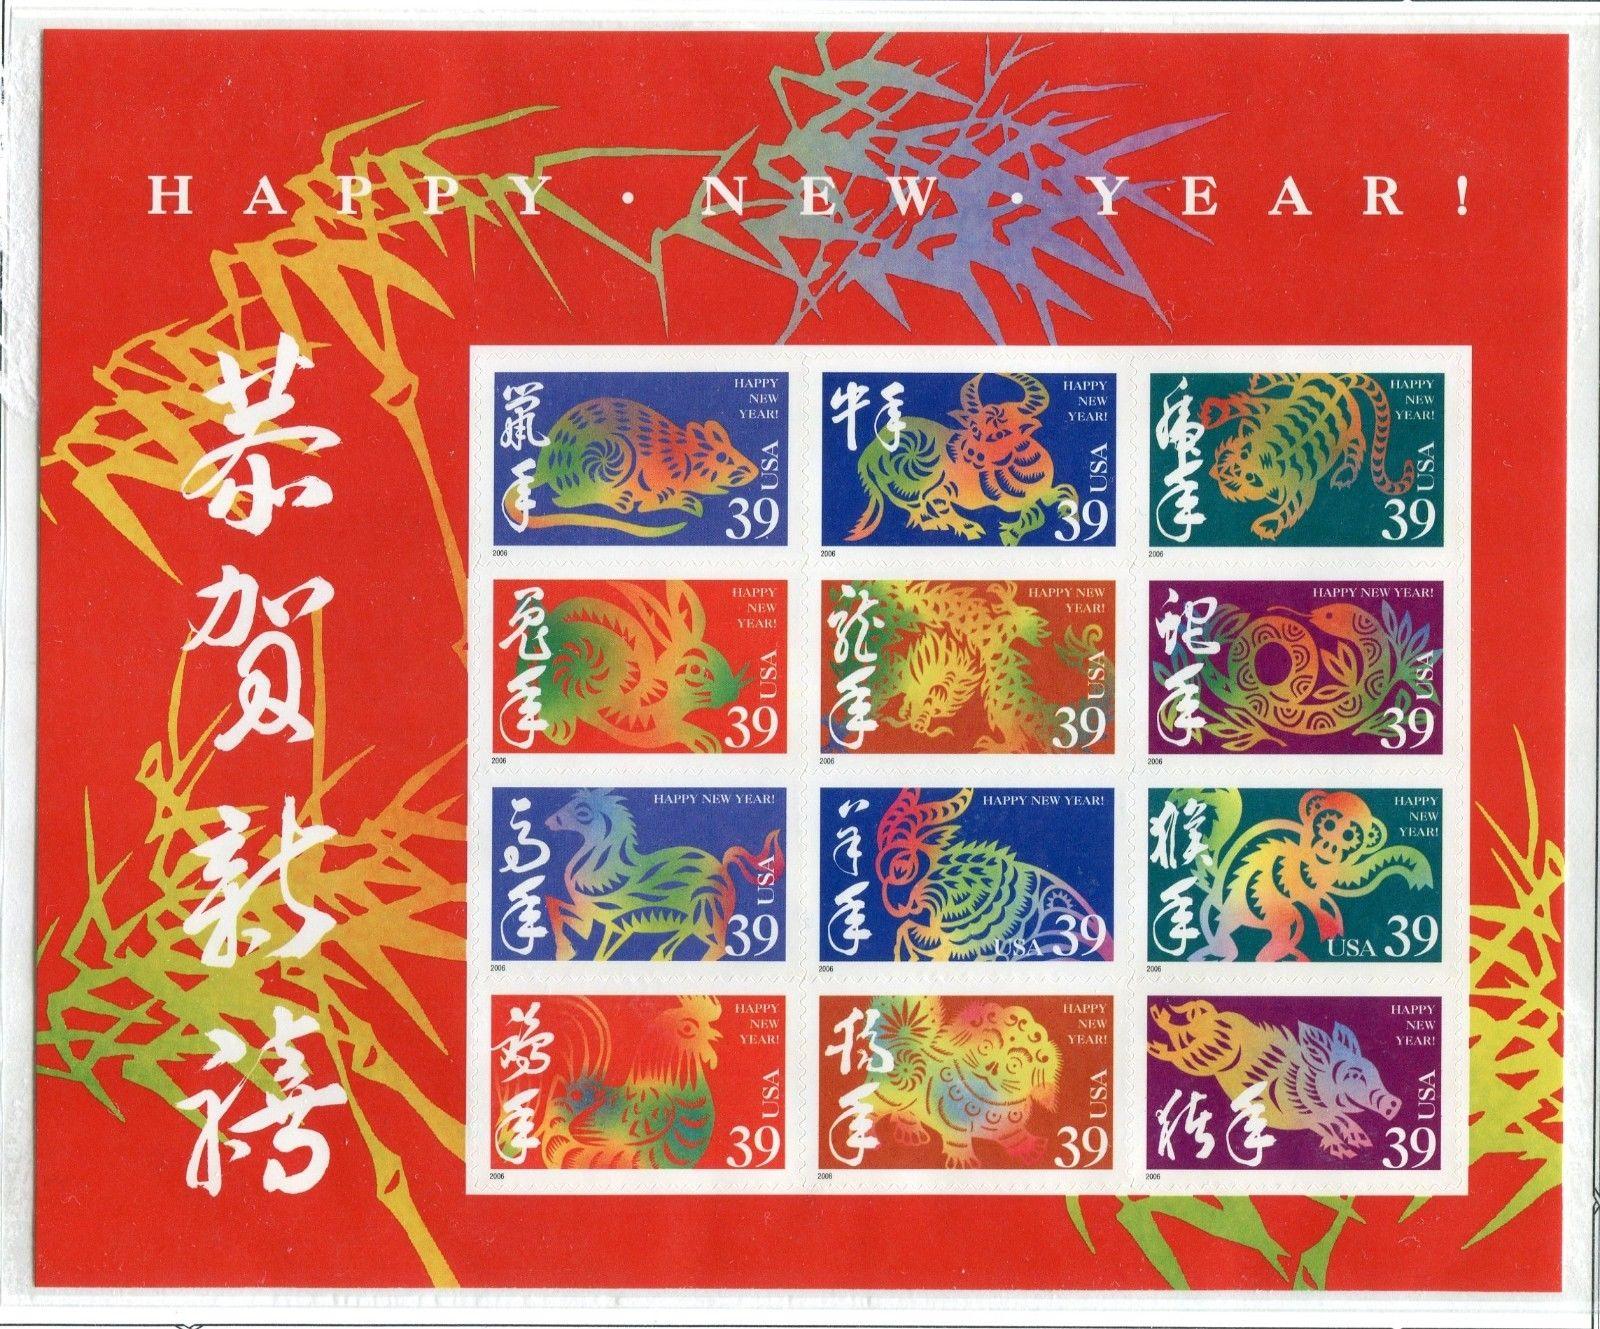 USA Scott 3997 Lunar New Year Set Mint Sheet Of 12 39 Cent Stamps